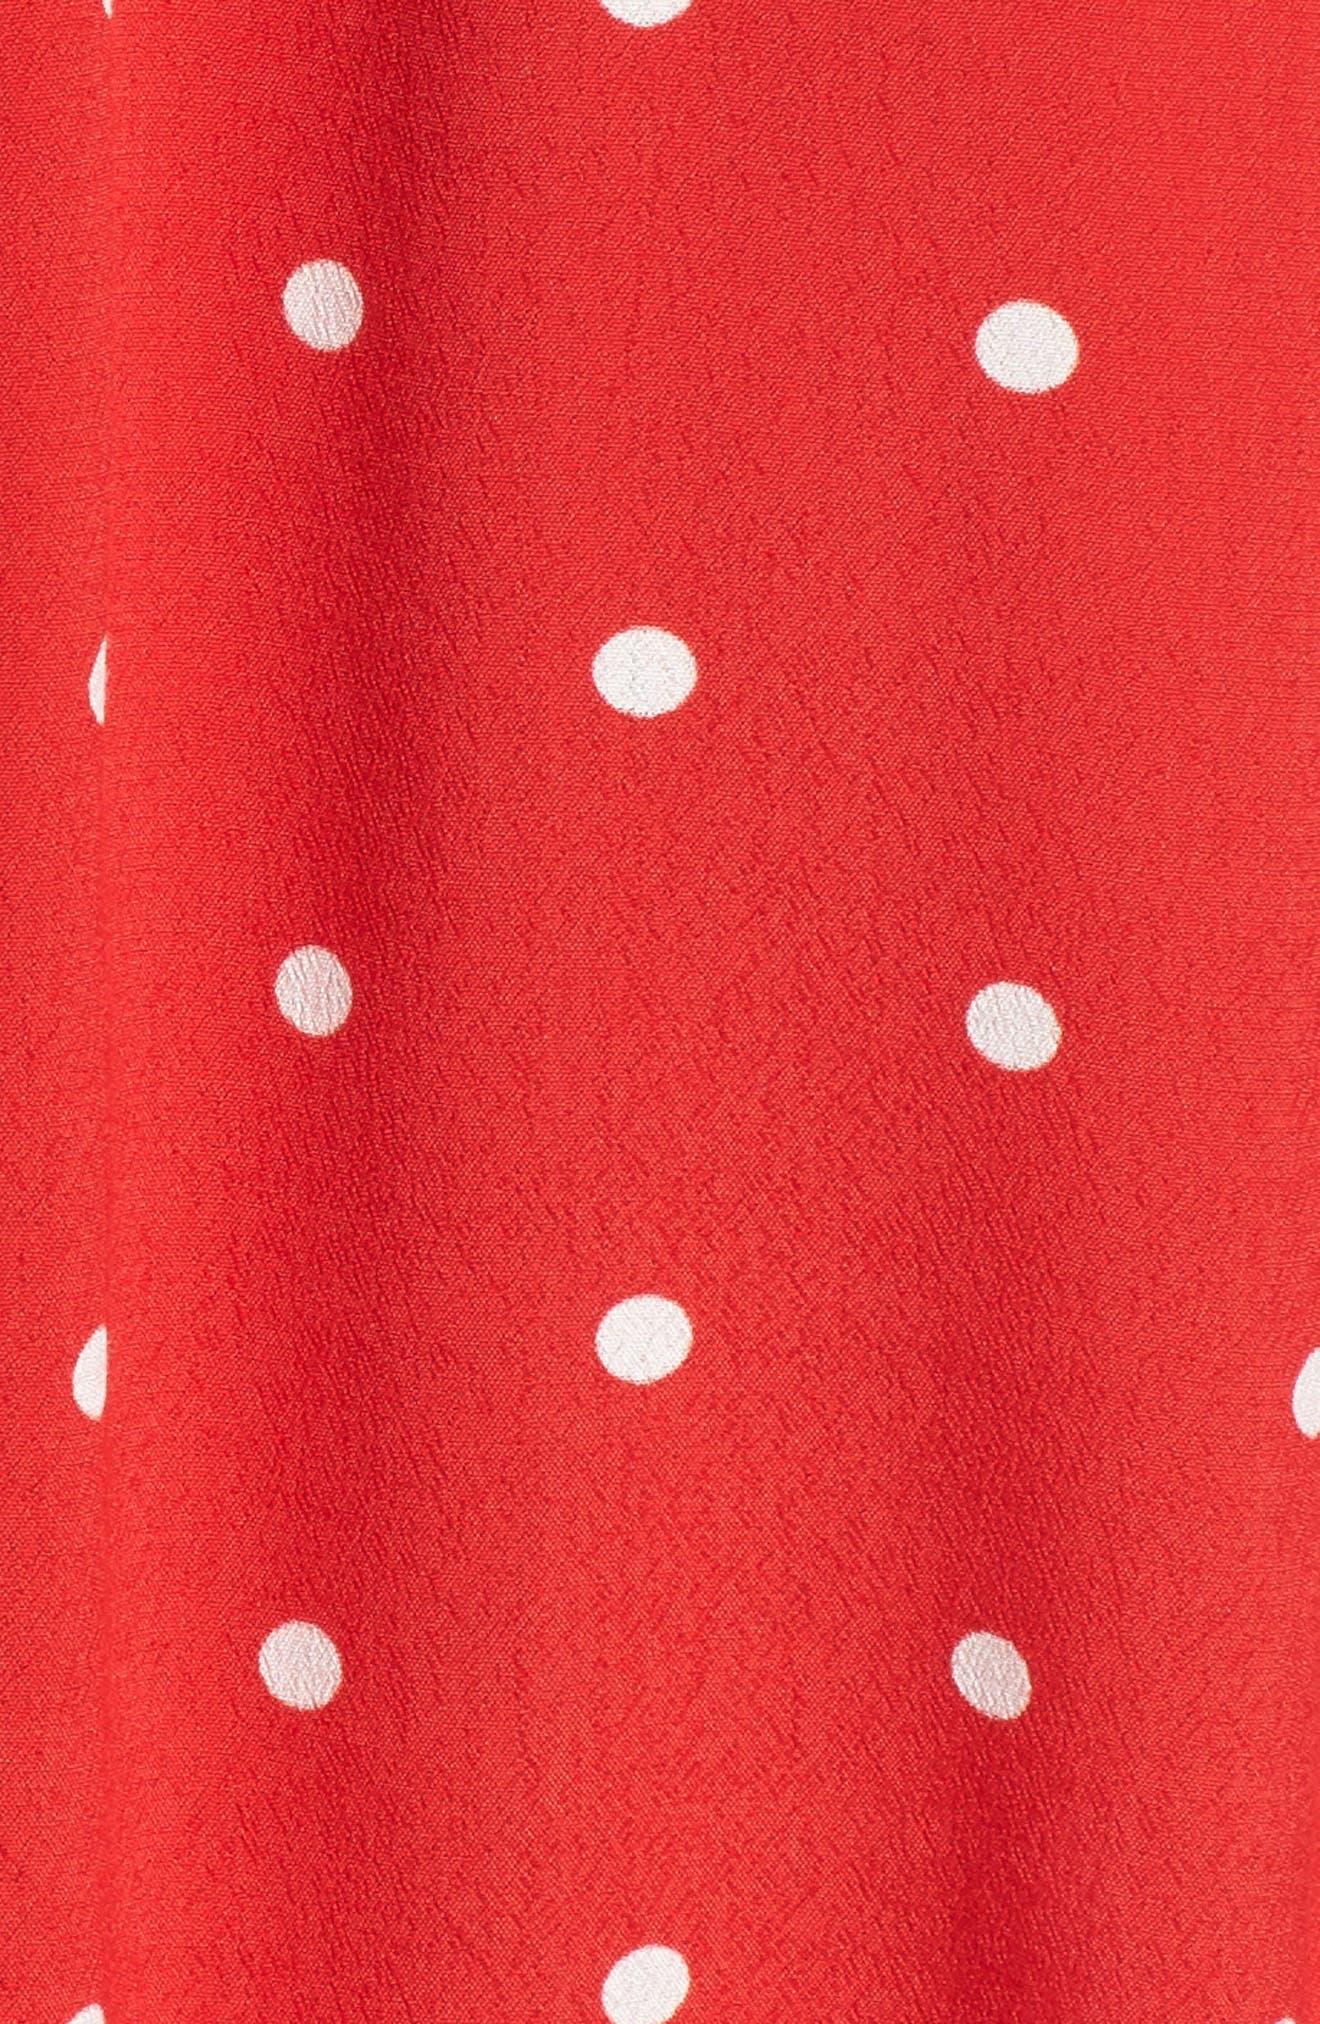 Natalia Midi Dress,                             Alternate thumbnail 5, color,                             Red Dot